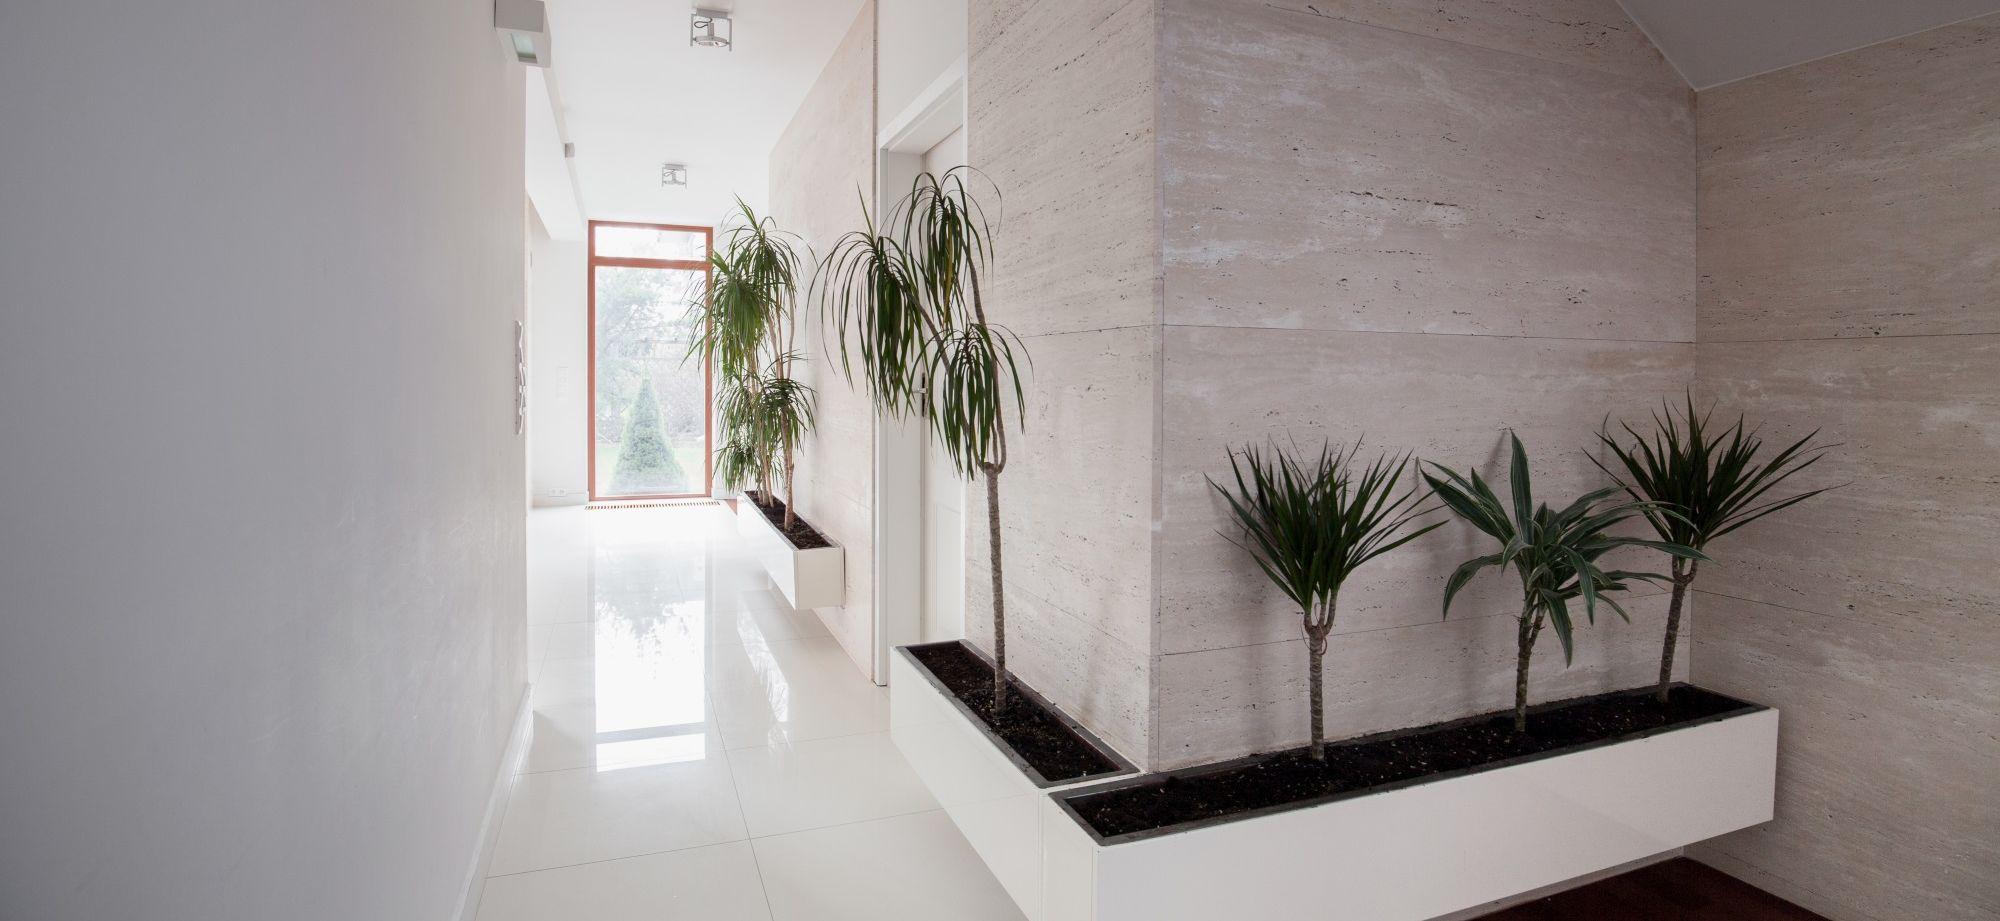 Sanierung einer Villa - Bauunternehmen Wien